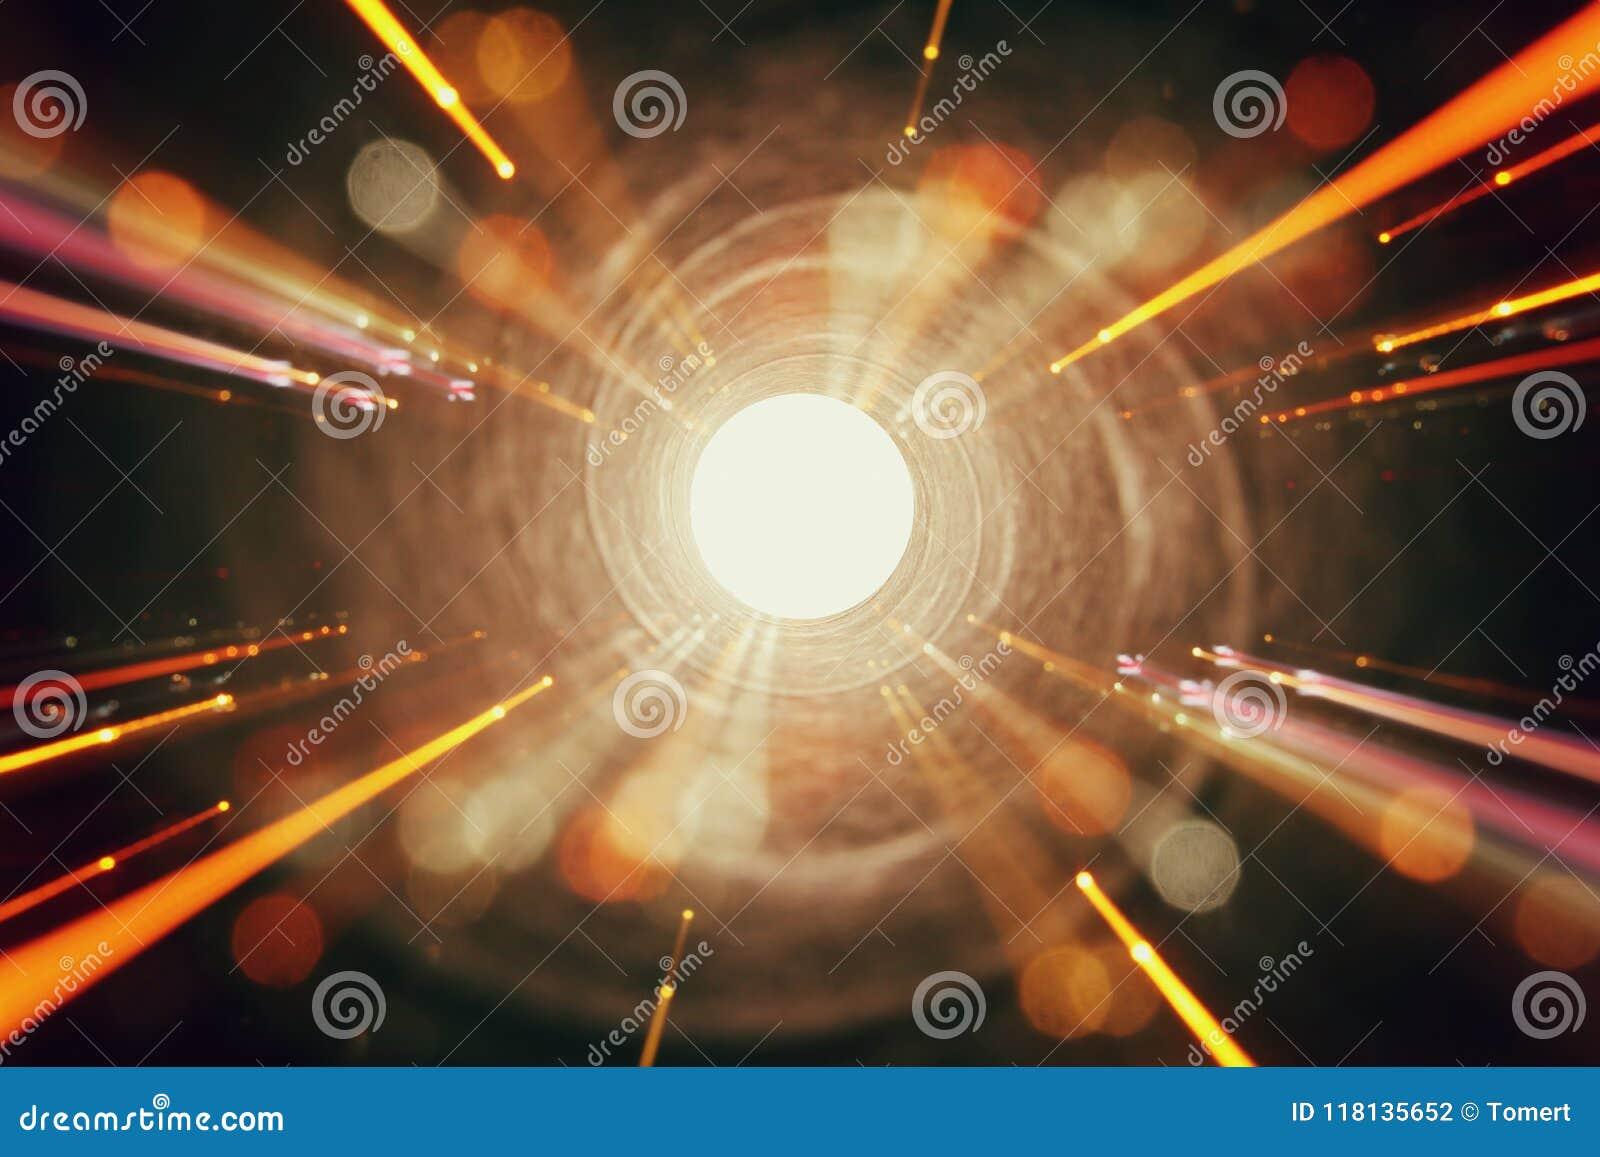 De abstracte Gloed van de Lens het conceptenbeeld van ruimte of de tijd reist achtergrond over donkere kleuren en verstralers